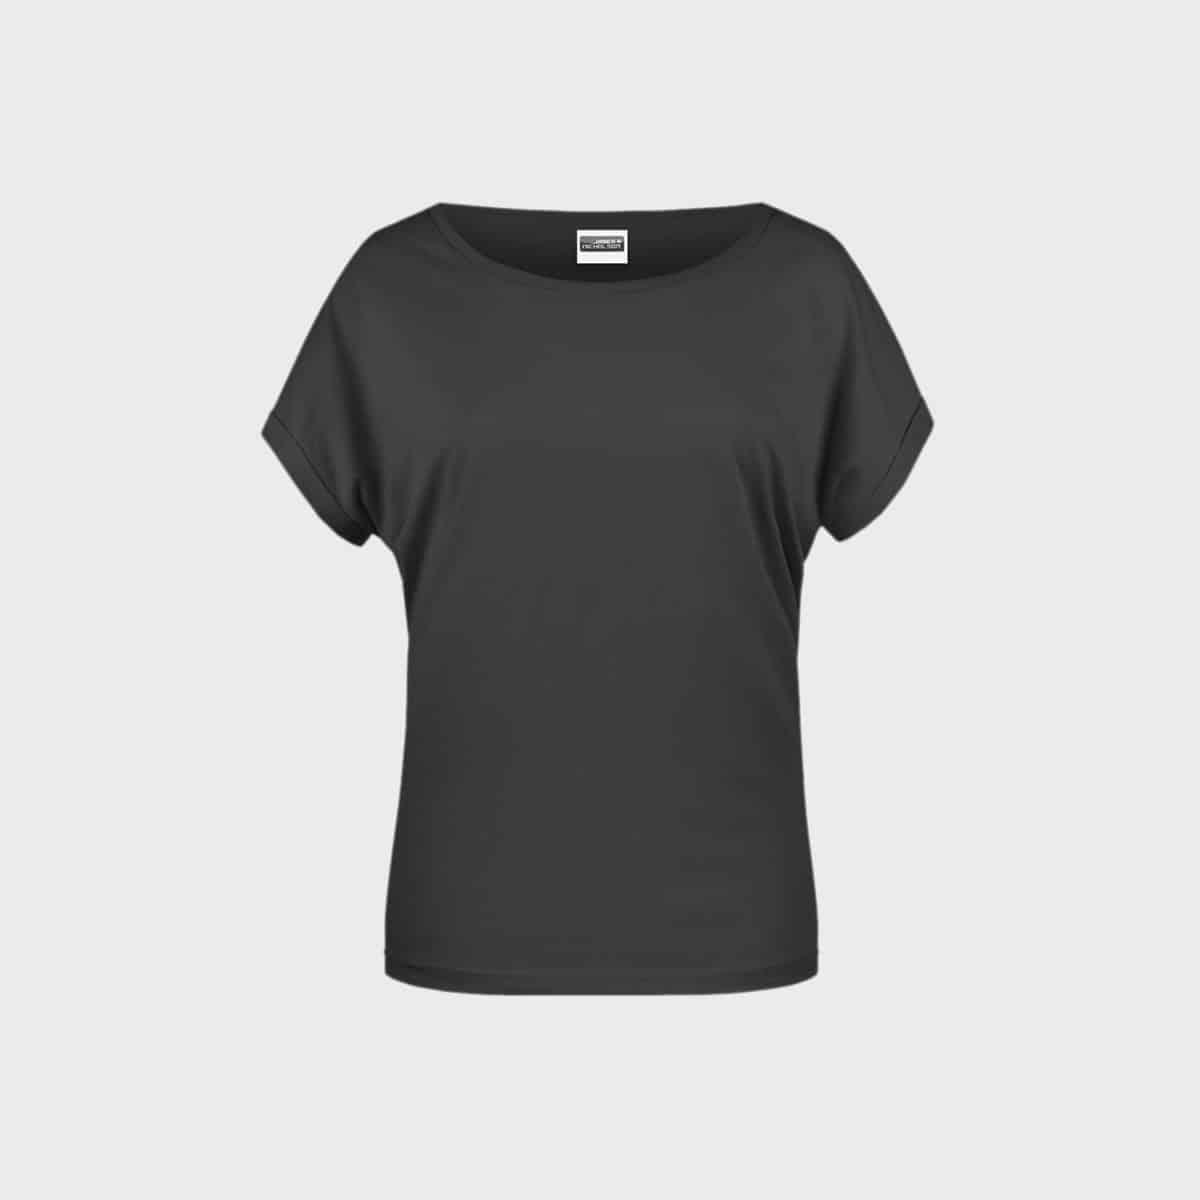 t-shirt-damen-casual-bio-kaufen-besticken-stickmanufaktur